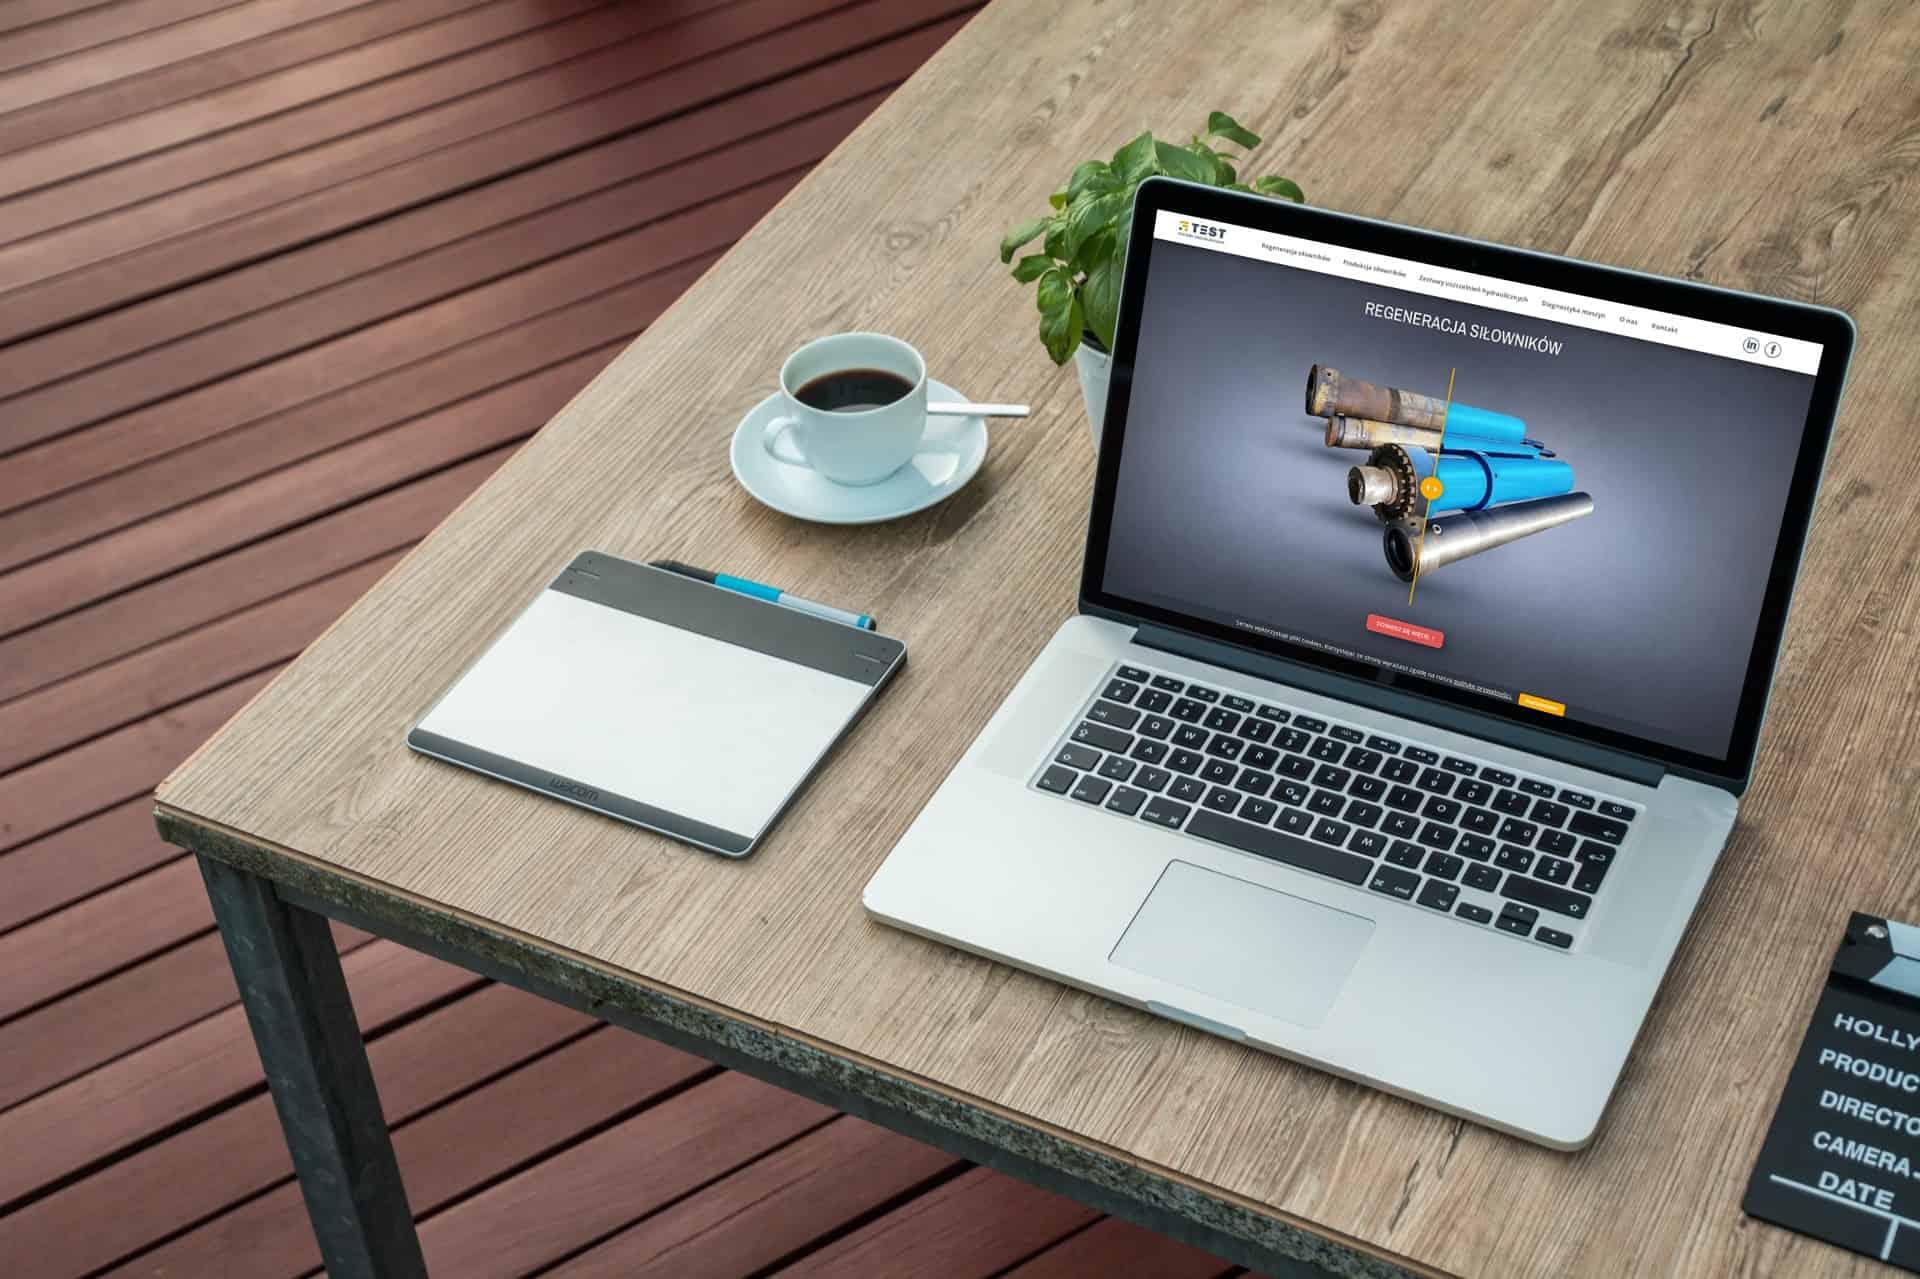 projekt strony internetowej dla firmy usługowej - Ginter (5)